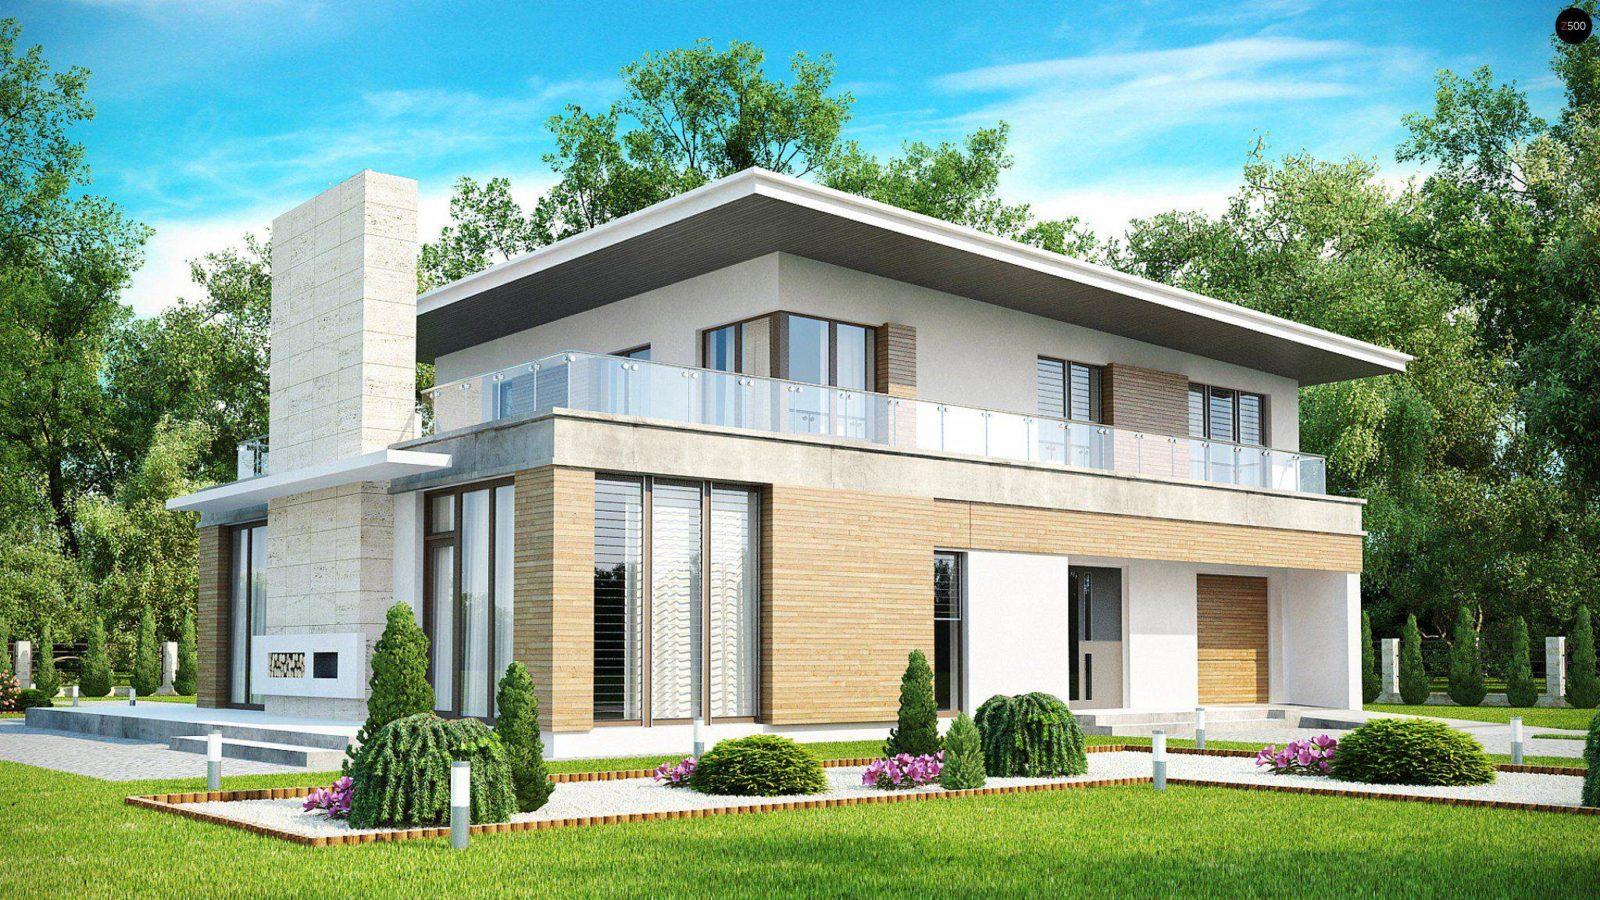 [:ua]Скільки коштує побудувати будинок з газобетону[:ru]Сколько стоит построить дом из газобетона[:]